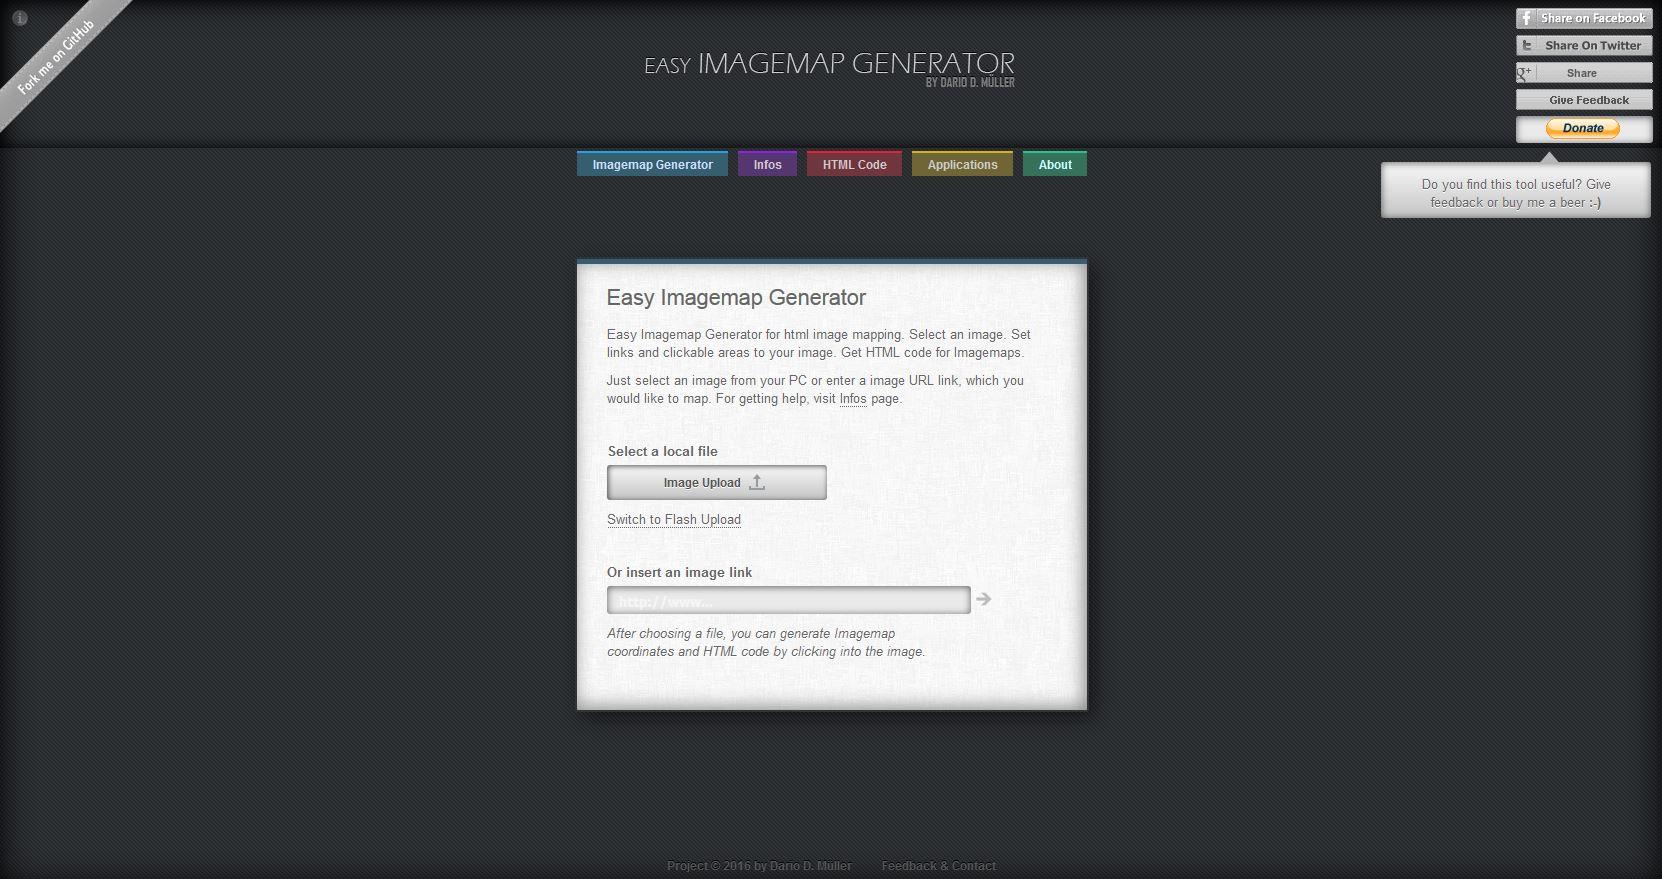 Anleitung: Mit dem Easy Imagemap Generator können Sie ein Bild mit mehreren Verlinkungen erstellen